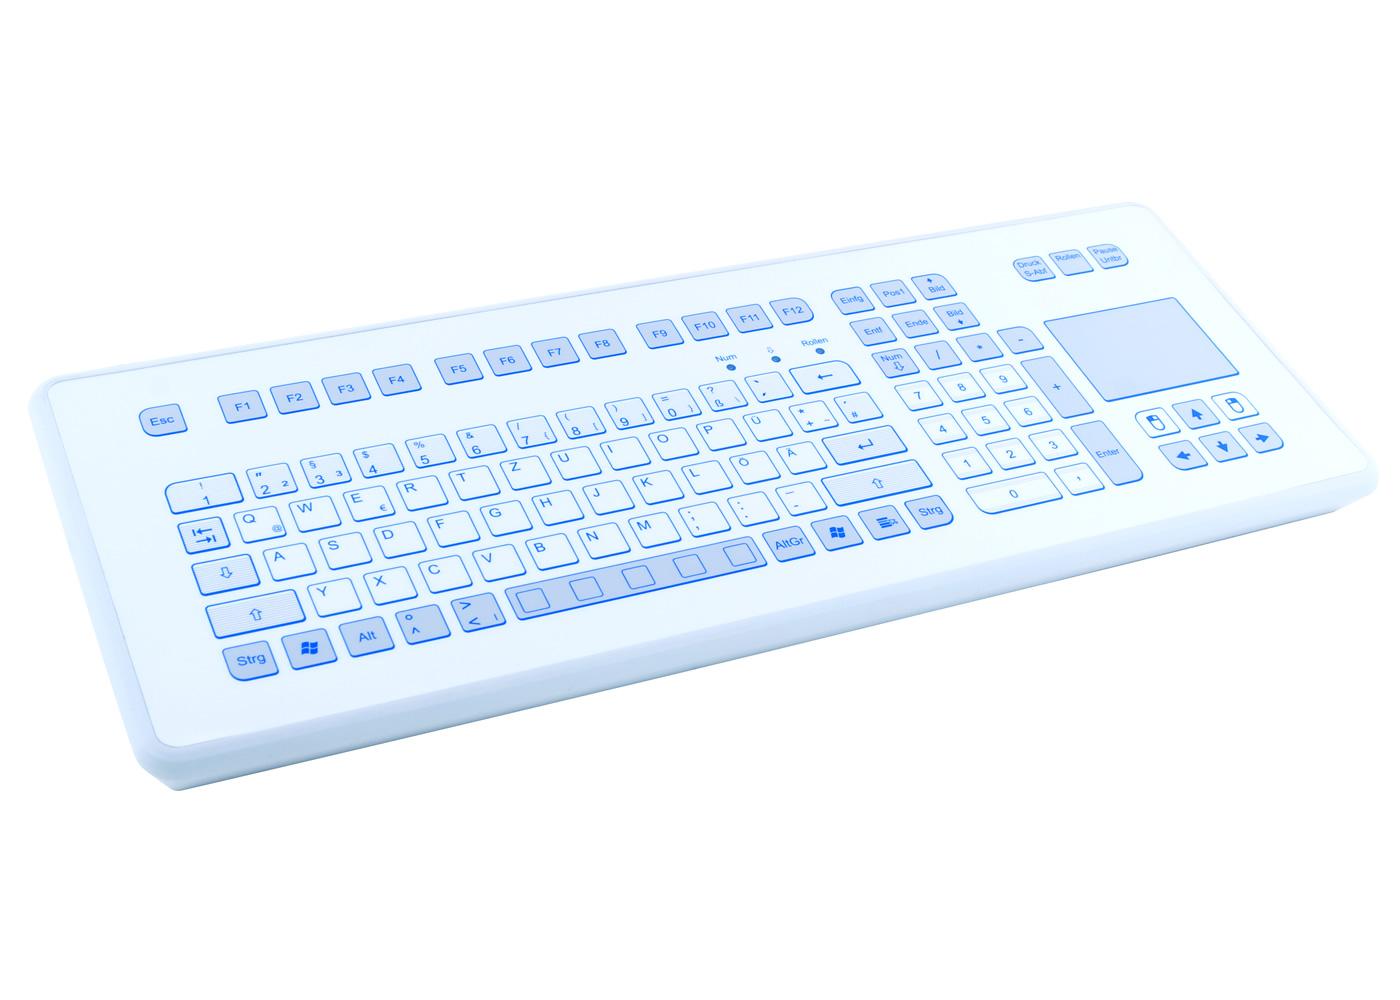 Clavier étanche 105 touches en boitier de table avec touchpad